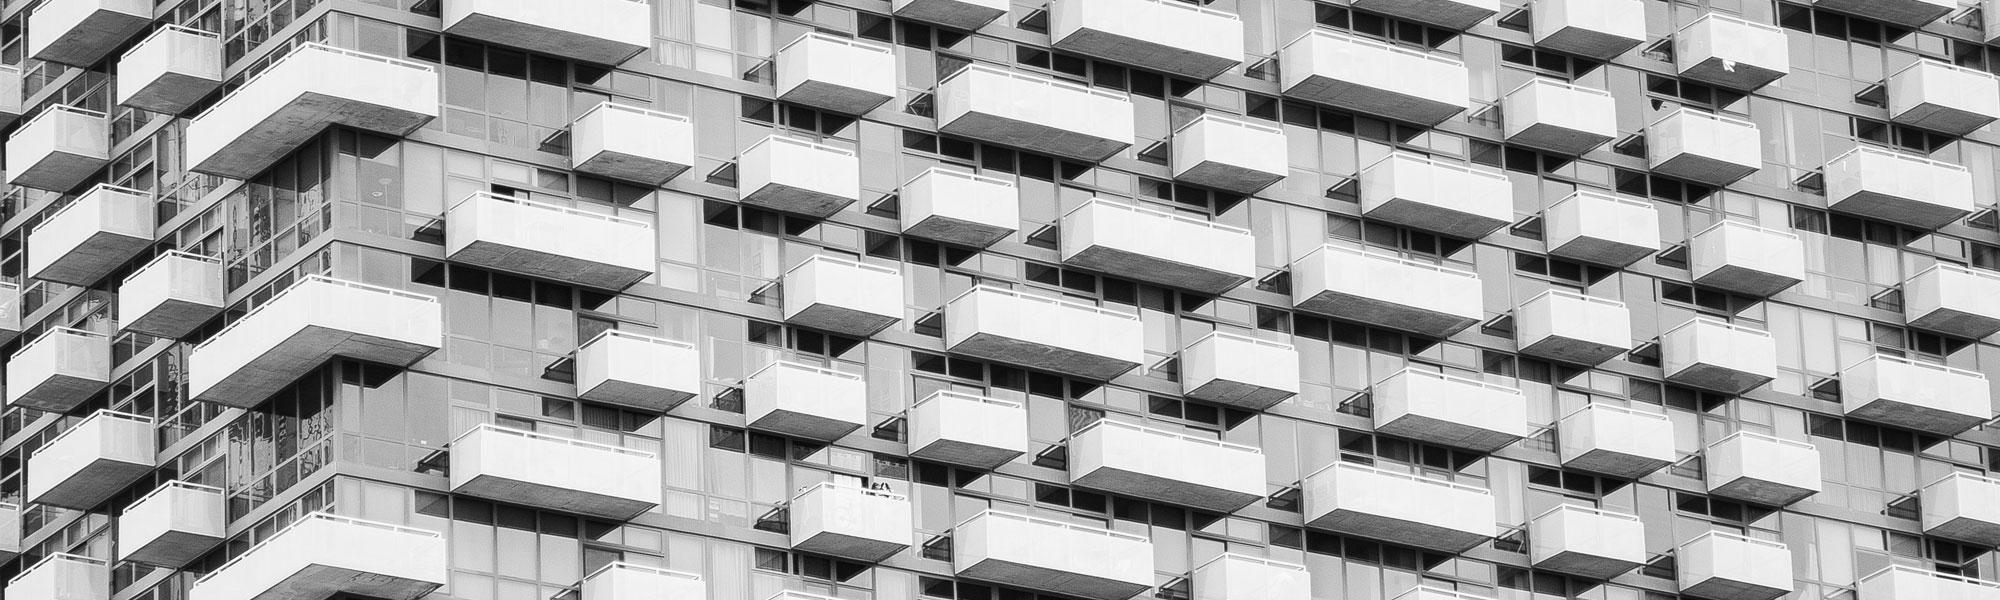 High rise Photo byZhifei ZhouonUnsplash